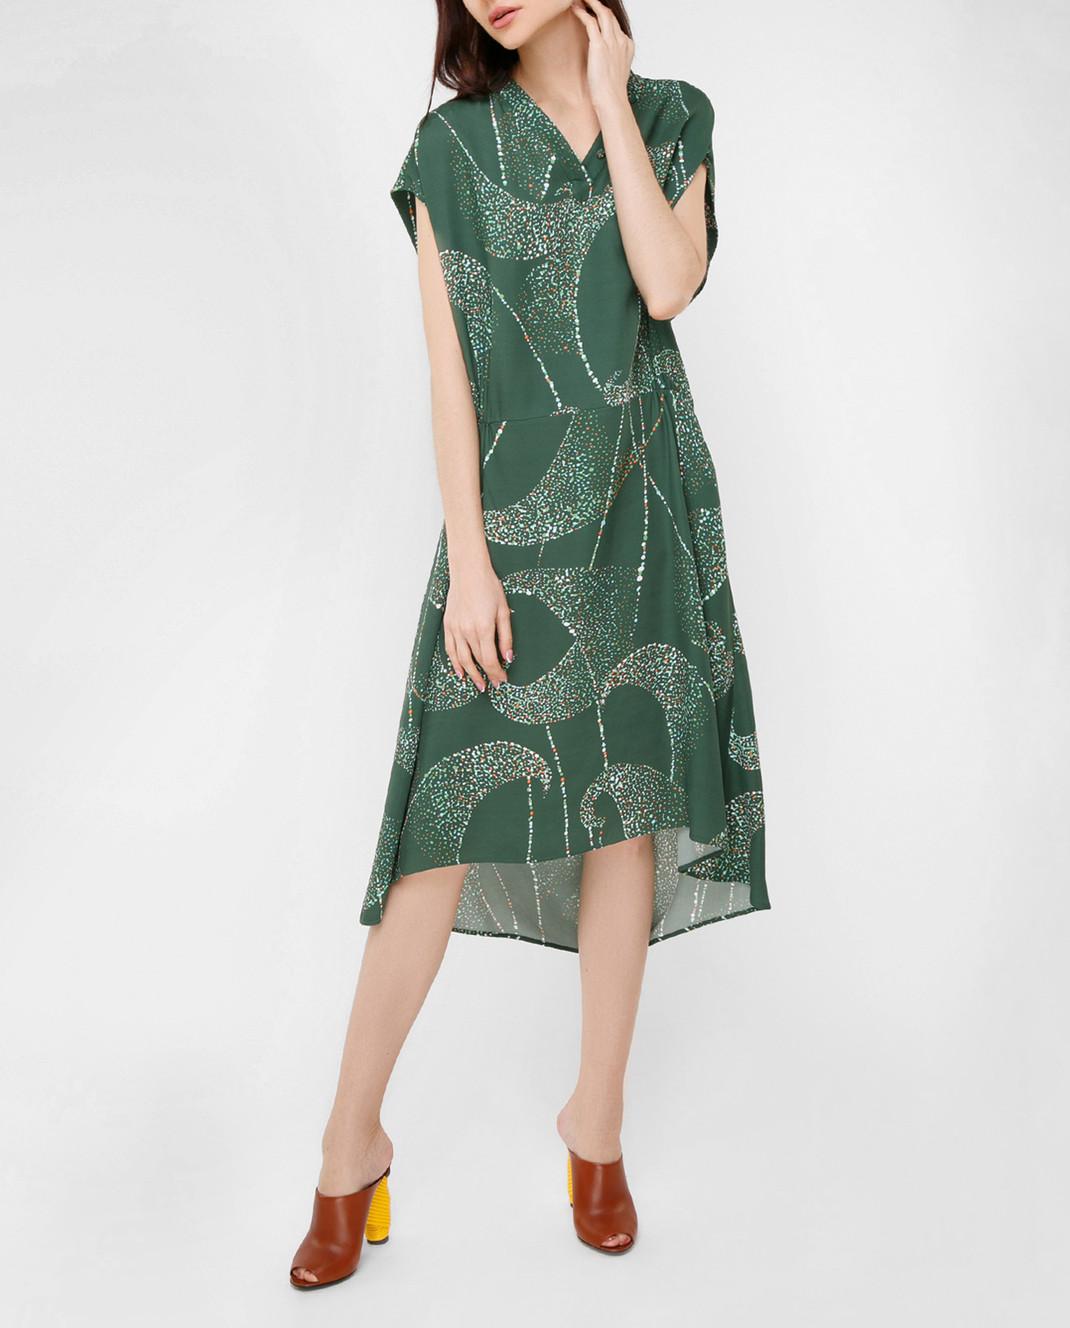 Balenciaga Зеленое платье 456946 изображение 2